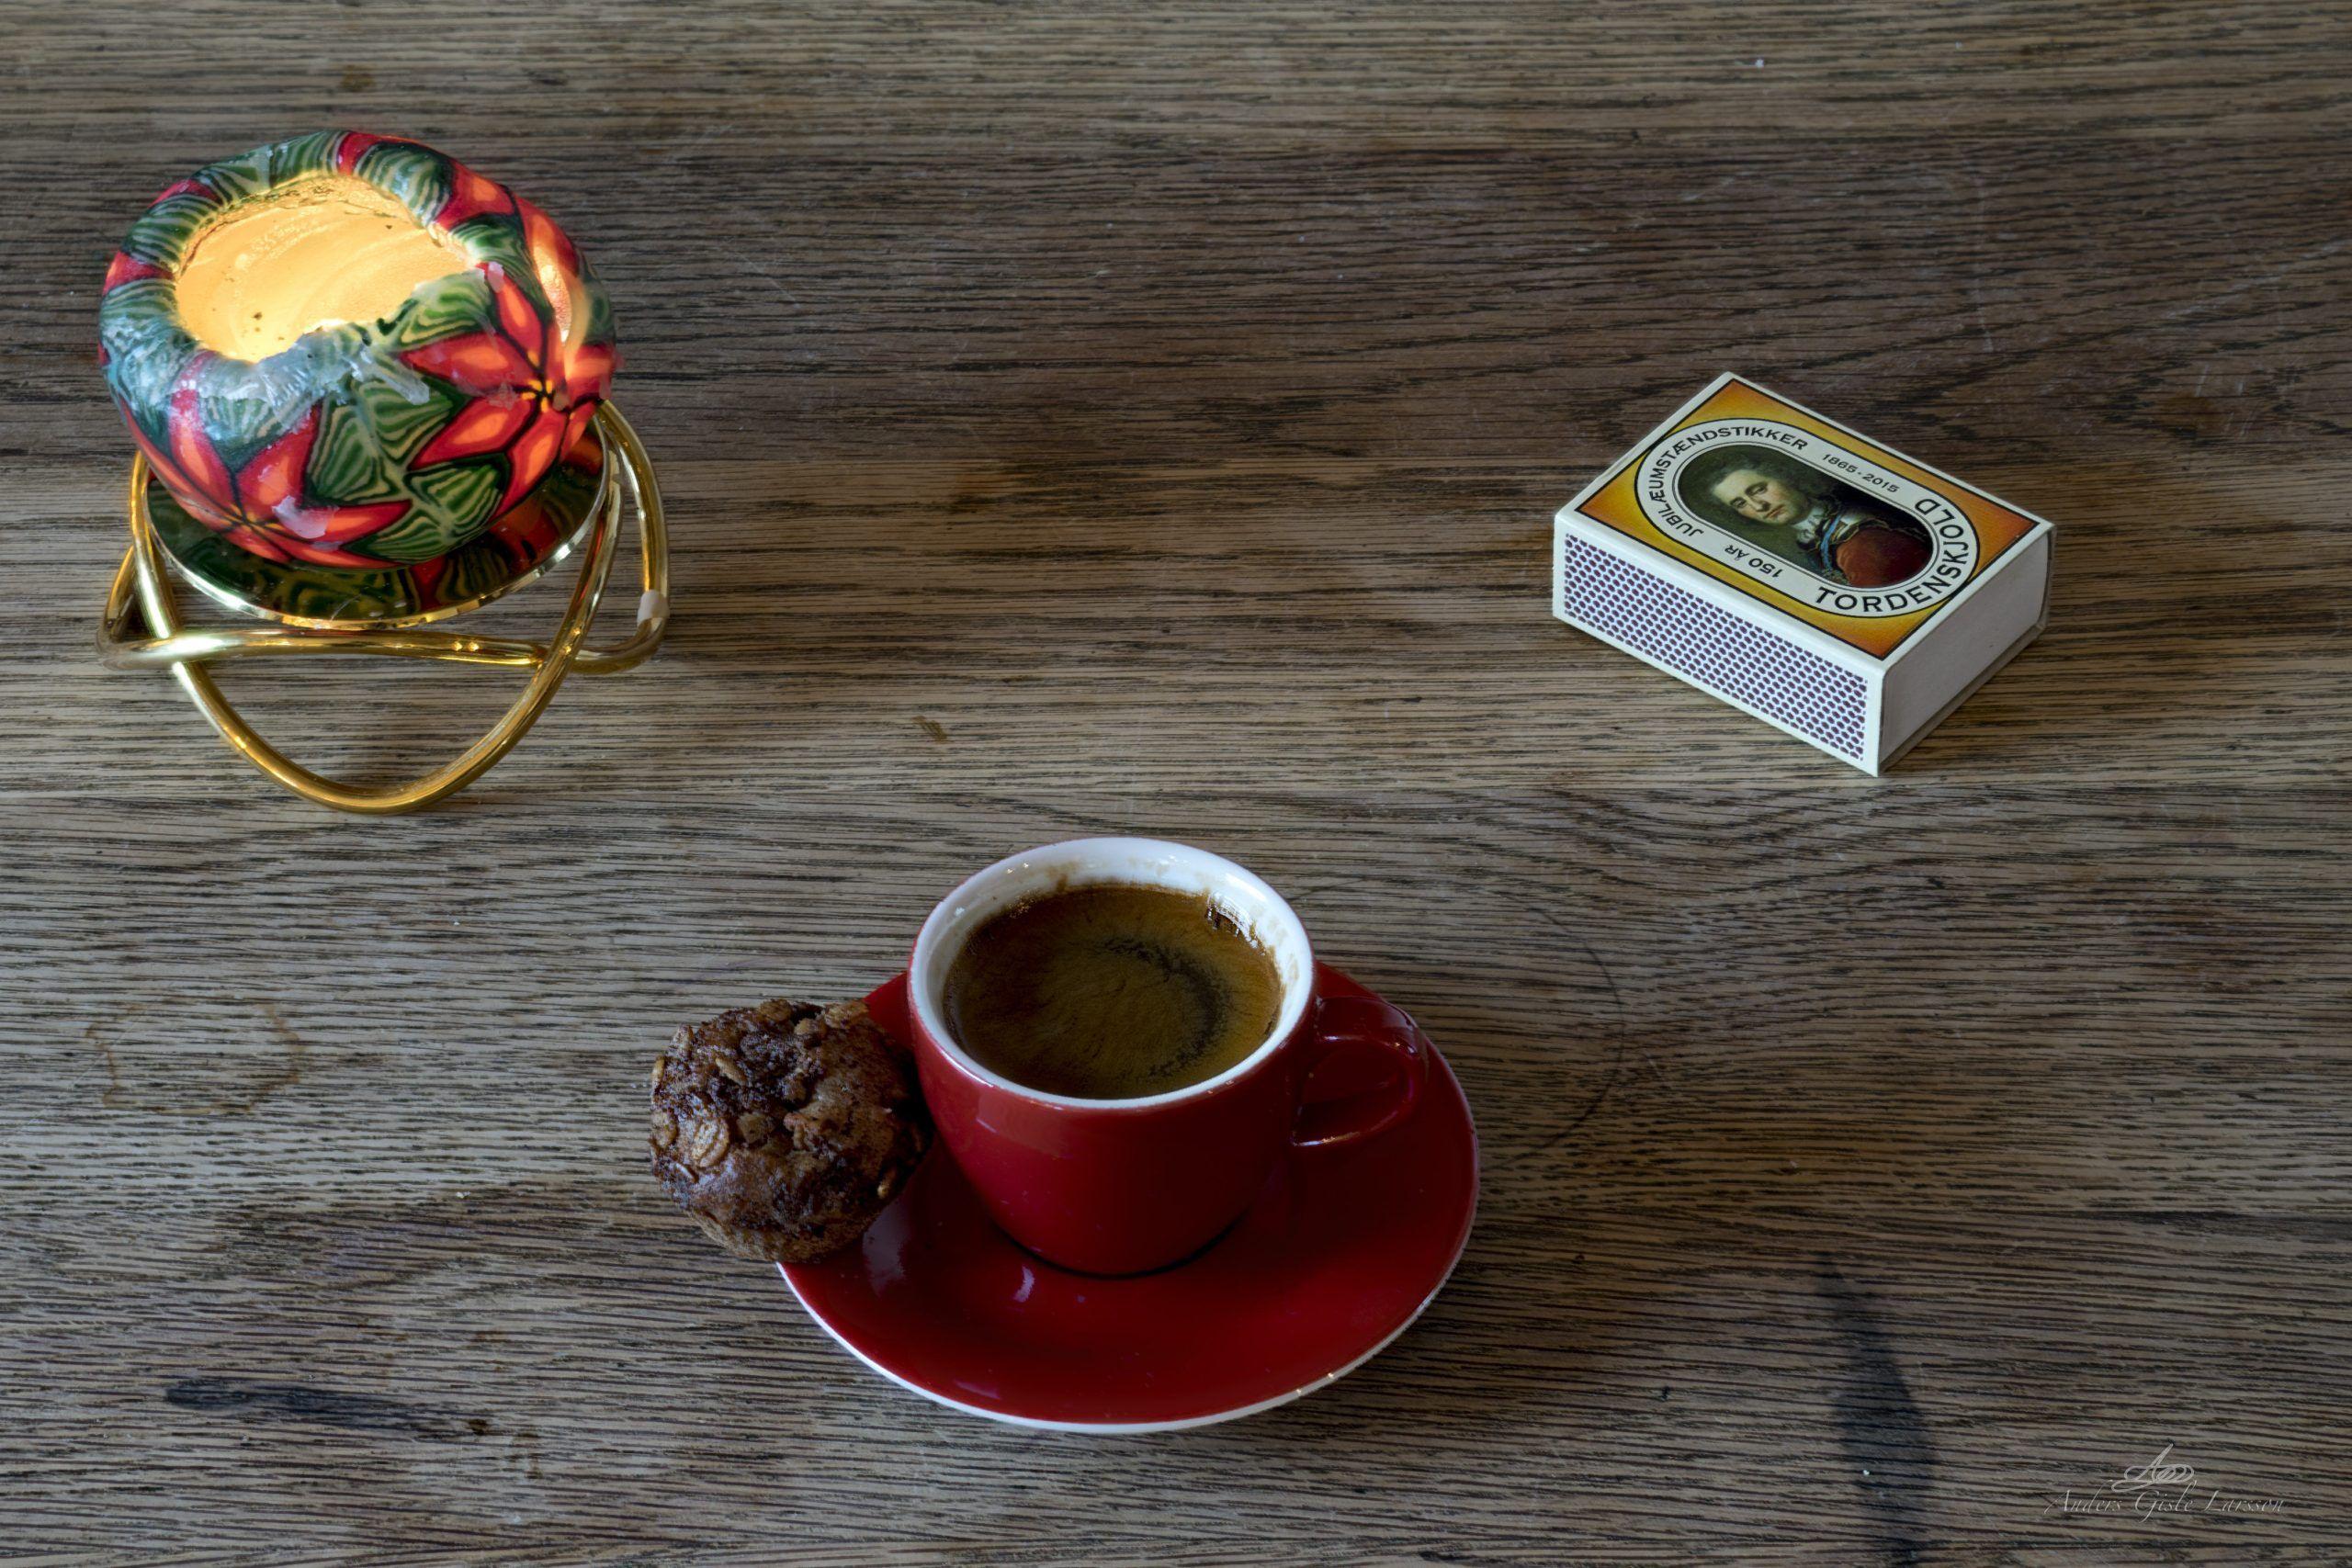 91/365, A damn good cup of coffee, Assentoft, Randers